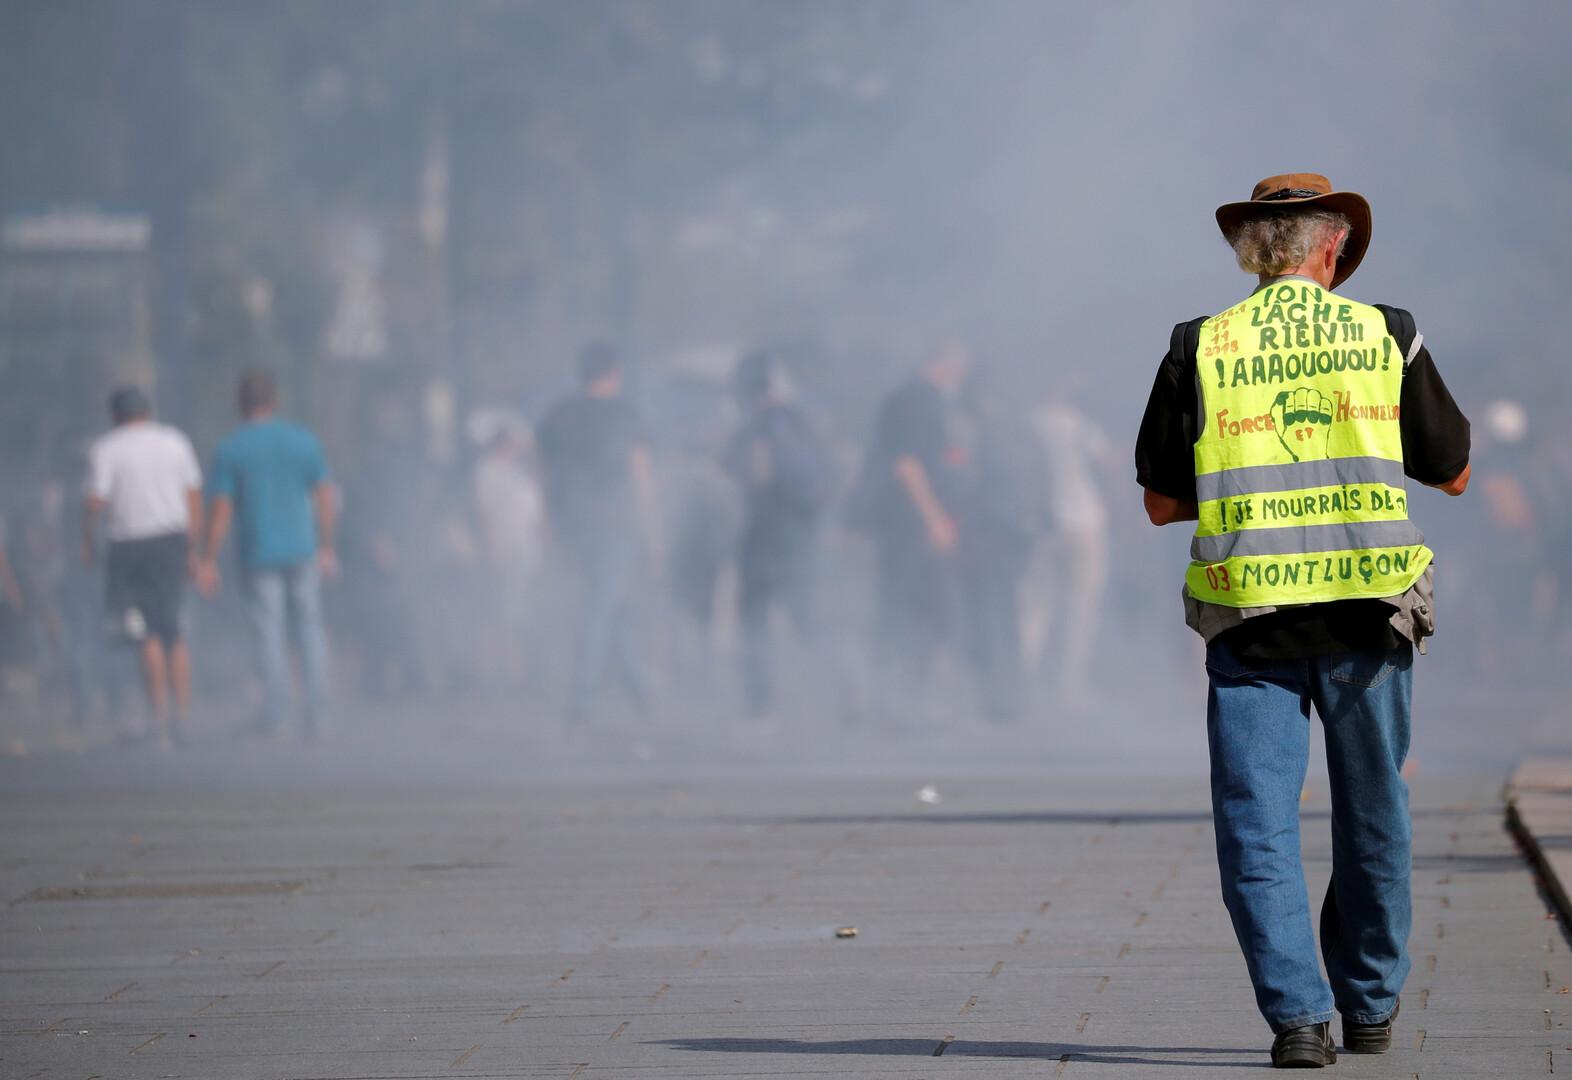 اعتقالات في مدن فرنسية خلال تظاهرات لـ